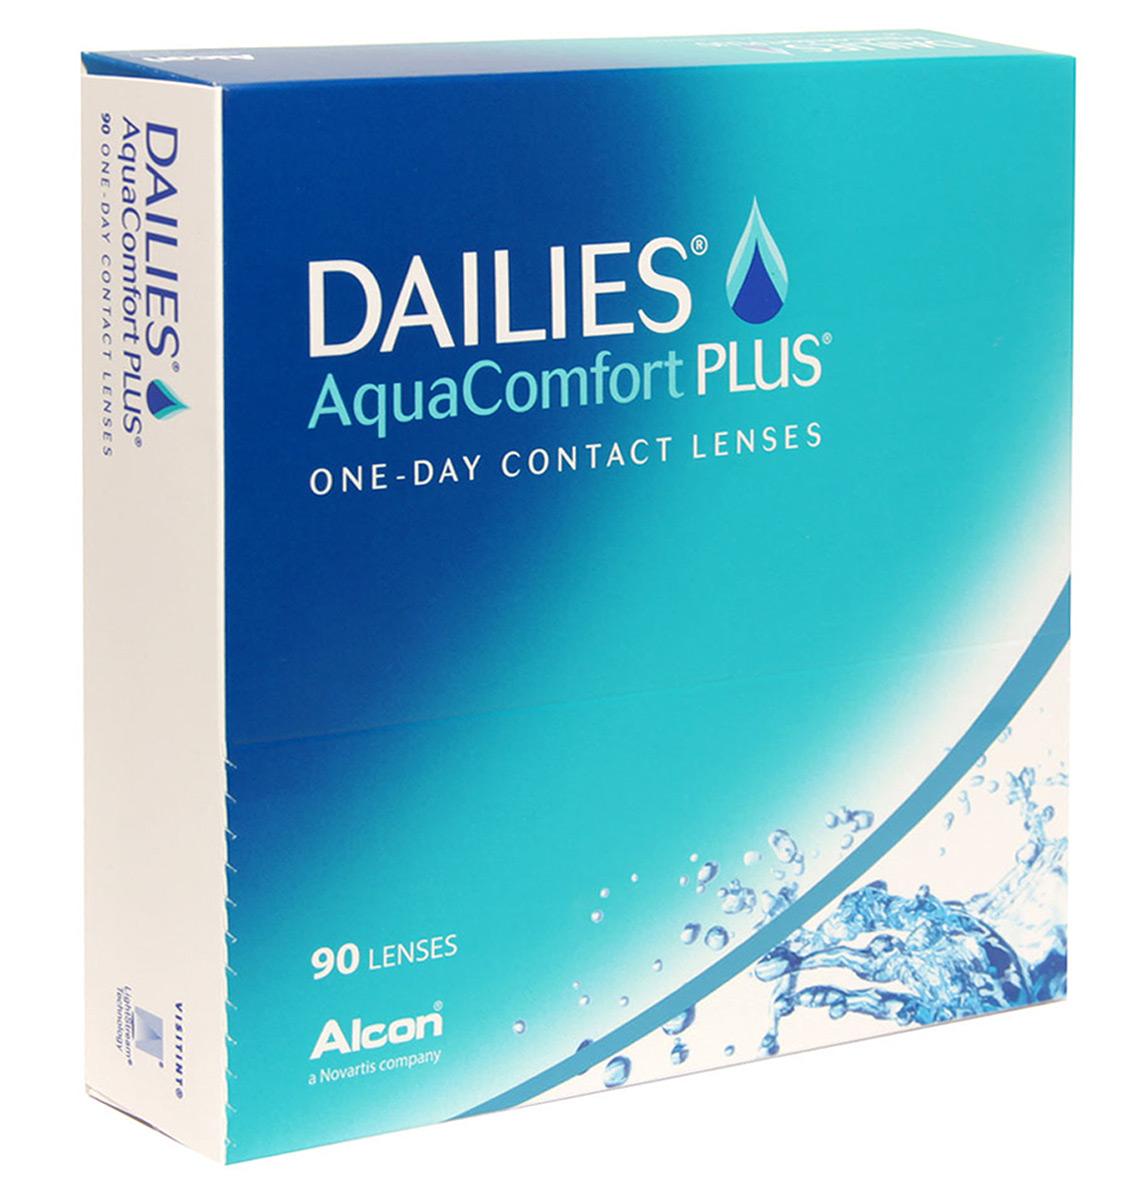 Alcon-CIBA Vision контактные линзы Dailies AquaComfort Plus (90шт / 8.7 / 14.0 / -1.00)12086Dailies AquaComfort Plus - это одни из самых популярных однодневных линз производства компании Ciba Vision. Эти линзы пользуются огромной популярностью во всем мире и являются на сегодняшний день самыми безопасными контактными линзами. Изготавливаются линзы из современного, 100% безопасного материала нелфилкон А. Особенность этого материала в том, что он легко пропускает воздух и хорошо сохраняет влагу. Однодневные контактные линзы Dailies AquaComfort Plus не нуждаются в дополнительном уходе и затратах, каждый день вы надеваете свежую пару линз. Дизайн линзы биосовместимый, что гарантирует безупречный комфорт. Самое главное достоинство Dailies AquaComfort Plus - это их уникальная система увлажнения. Благодаря этой разработке линзы увлажняются тремя различными агентами. Первый компонент, ухаживающий за линзами, находится в растворе, он как бы обволакивает линзу, обеспечивая чрезвычайно комфортное надевание. Второй агент выделяется на протяжении всего дня, он непрерывно смачивает линзы. Третий - увлажняющий агент, выделяется во время моргания, благодаря ему поддерживается постоянный комфорт. Также линзы имеют УФ-фильтр, который будет заботиться о ваших глазах. Dailies AquaComfort Plus - одни из лучших линз в своей категории. Всемирно известная компания Ciba Vision, создавая эти контактные линзы, попыталась учесть все потребности пациентов и ей это удалось! Характеристики:Материал: нелфилкон А. Кривизна: 8.7. Оптическая сила: - 1.00. Содержание воды: 69%. Диаметр: 14,0 мм. Количество линз: 90 шт. Размер упаковки: 15 см х 5 см х 3 см. Производитель: США. Товар сертифицирован.Контактные линзы или очки: советы офтальмологов. Статья OZON Гид